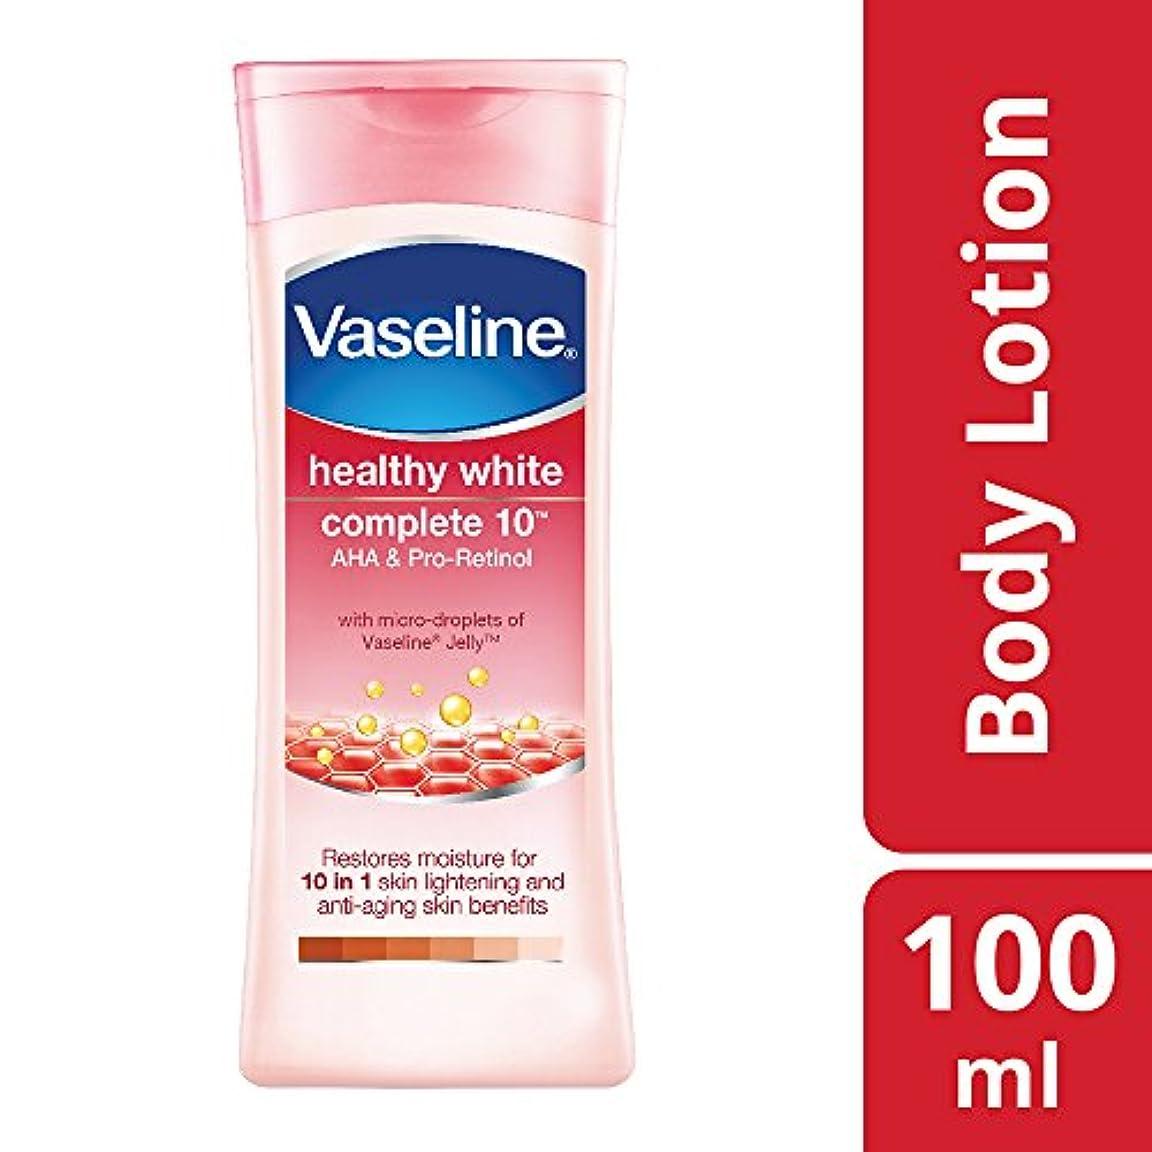 砲撃アボートブラウズVaseline Healthy White Complete 10 Body Lotion, 100 ml